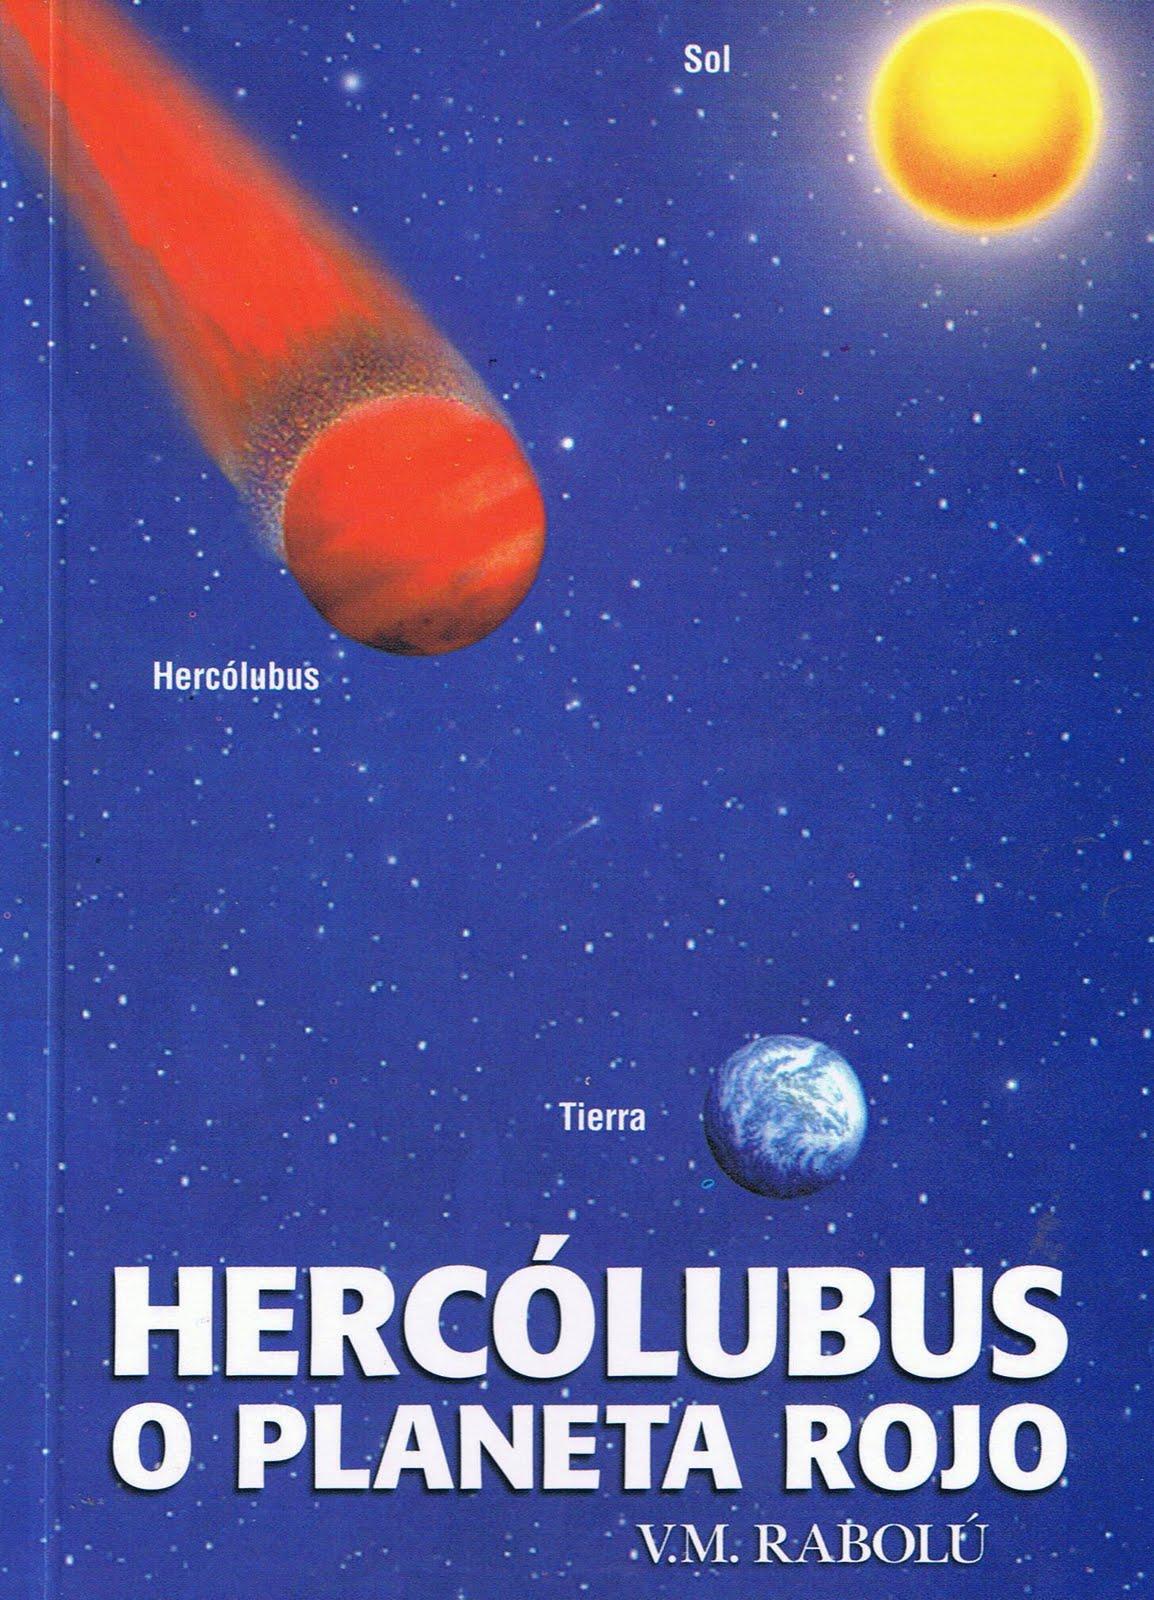 Hecolubus O Planeta Rojo Hercolubus%2Bo%2Bplaneta%2Brojo%2B-%2BV%2BM%2BRabol%25C3%25BA%2B-%2Bportada